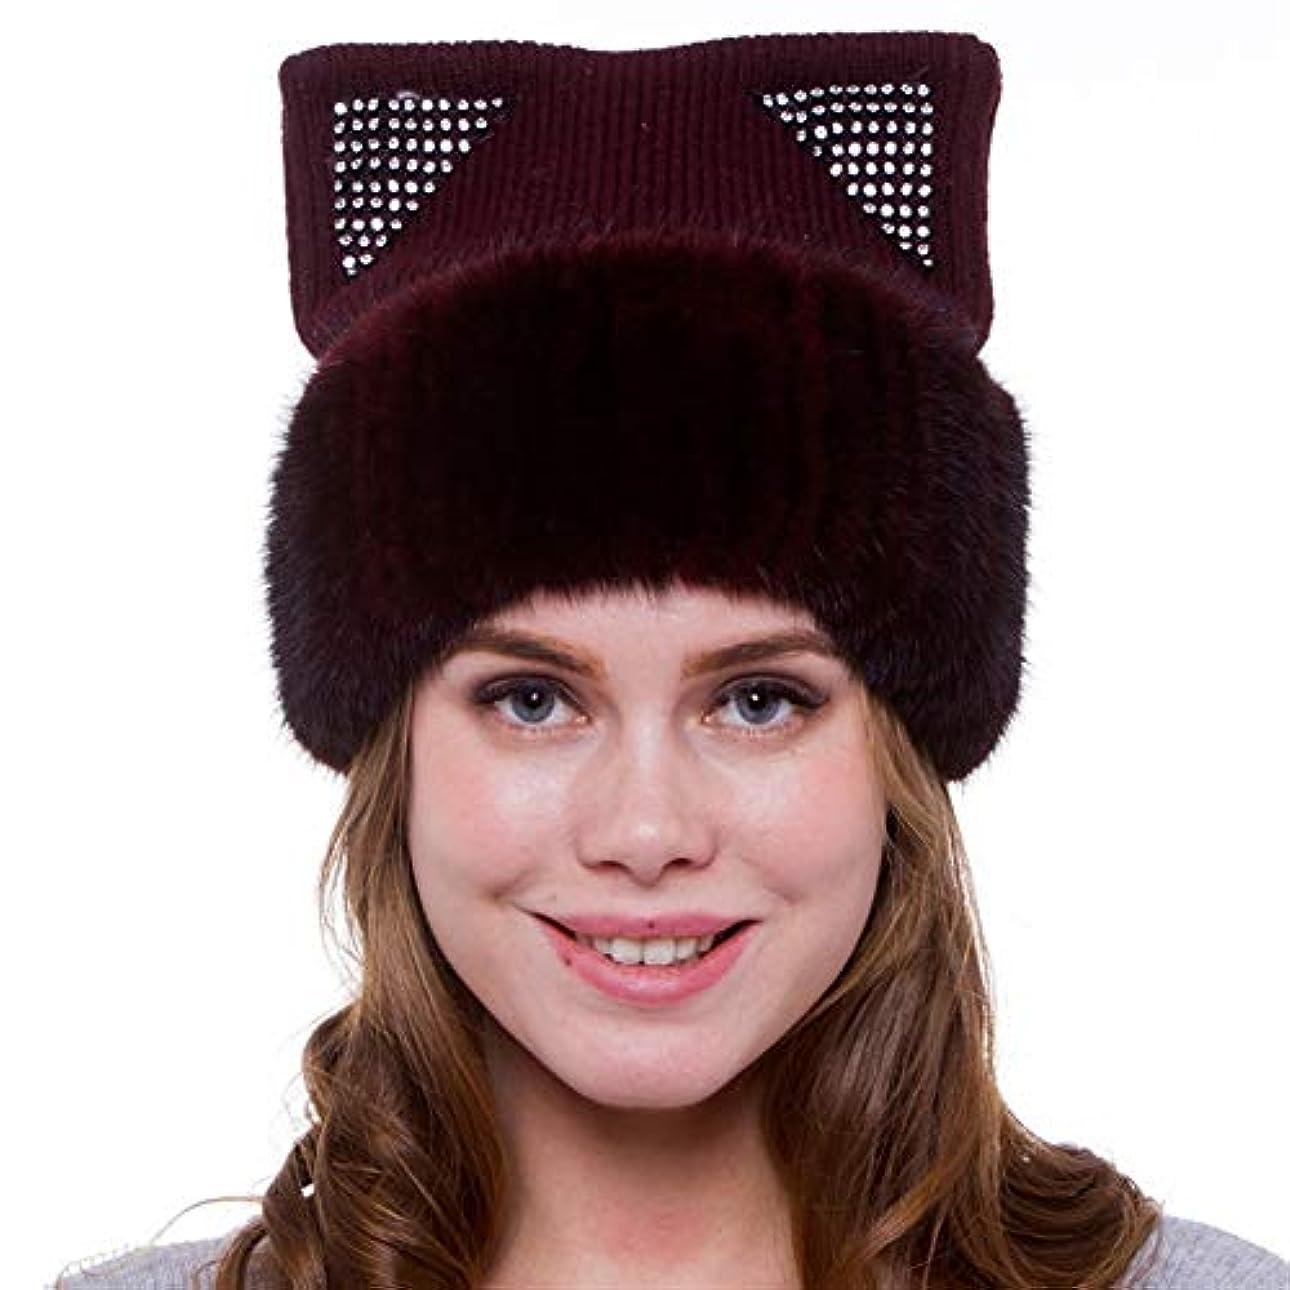 流行している飛躍投げ捨てるACAO ヨーロッパとアメリカの大きなヤード暖かいイヤーキャップ内さんの秋と冬のニットミンクの毛皮の帽子 (色 : Purple)